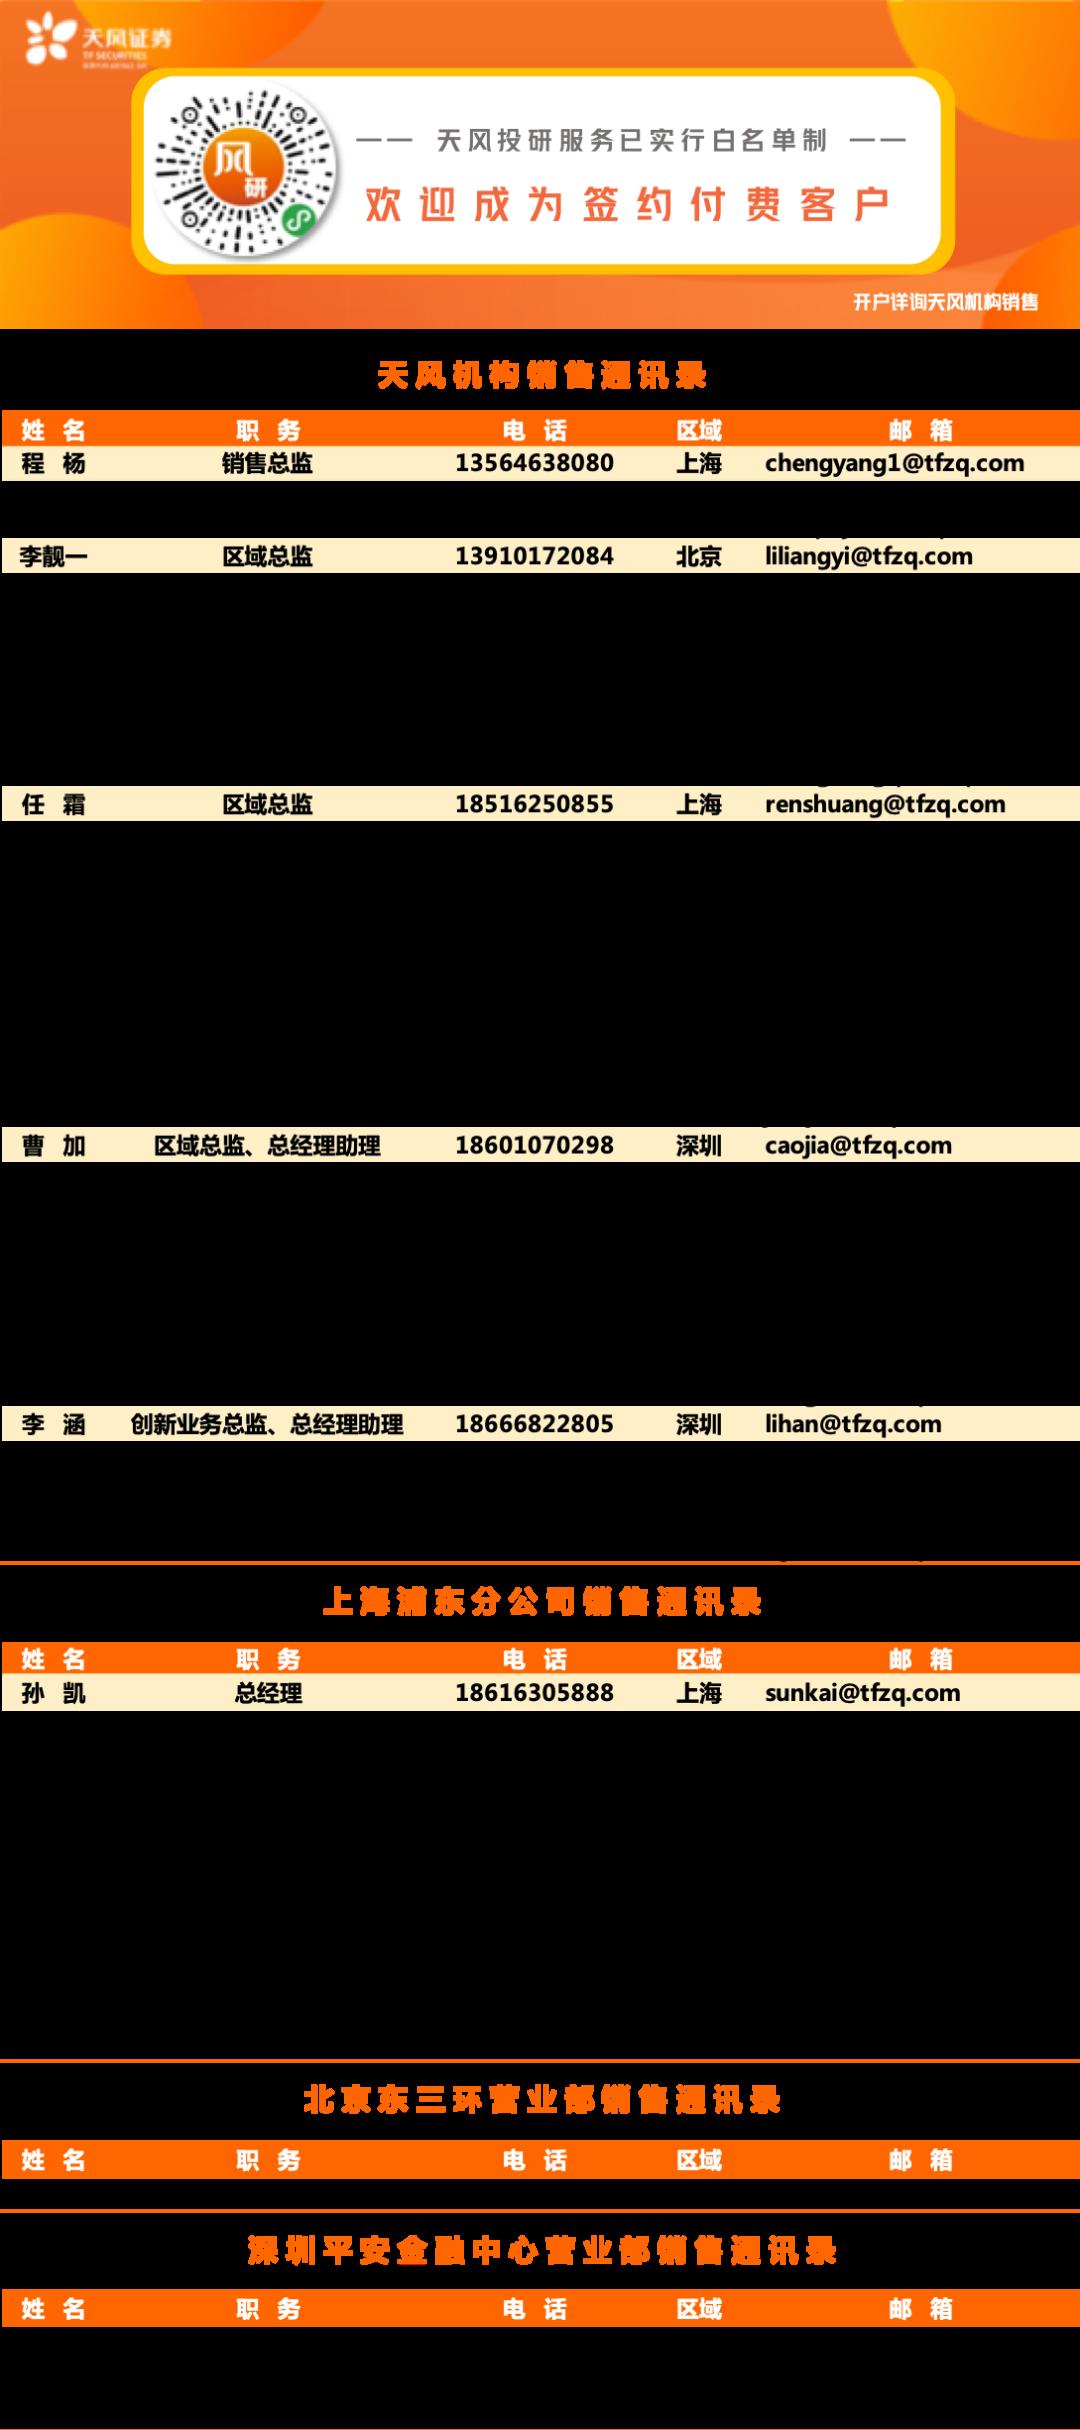 """【非银】深度研究:""""差异化服务""""曙光初现,成为打破"""